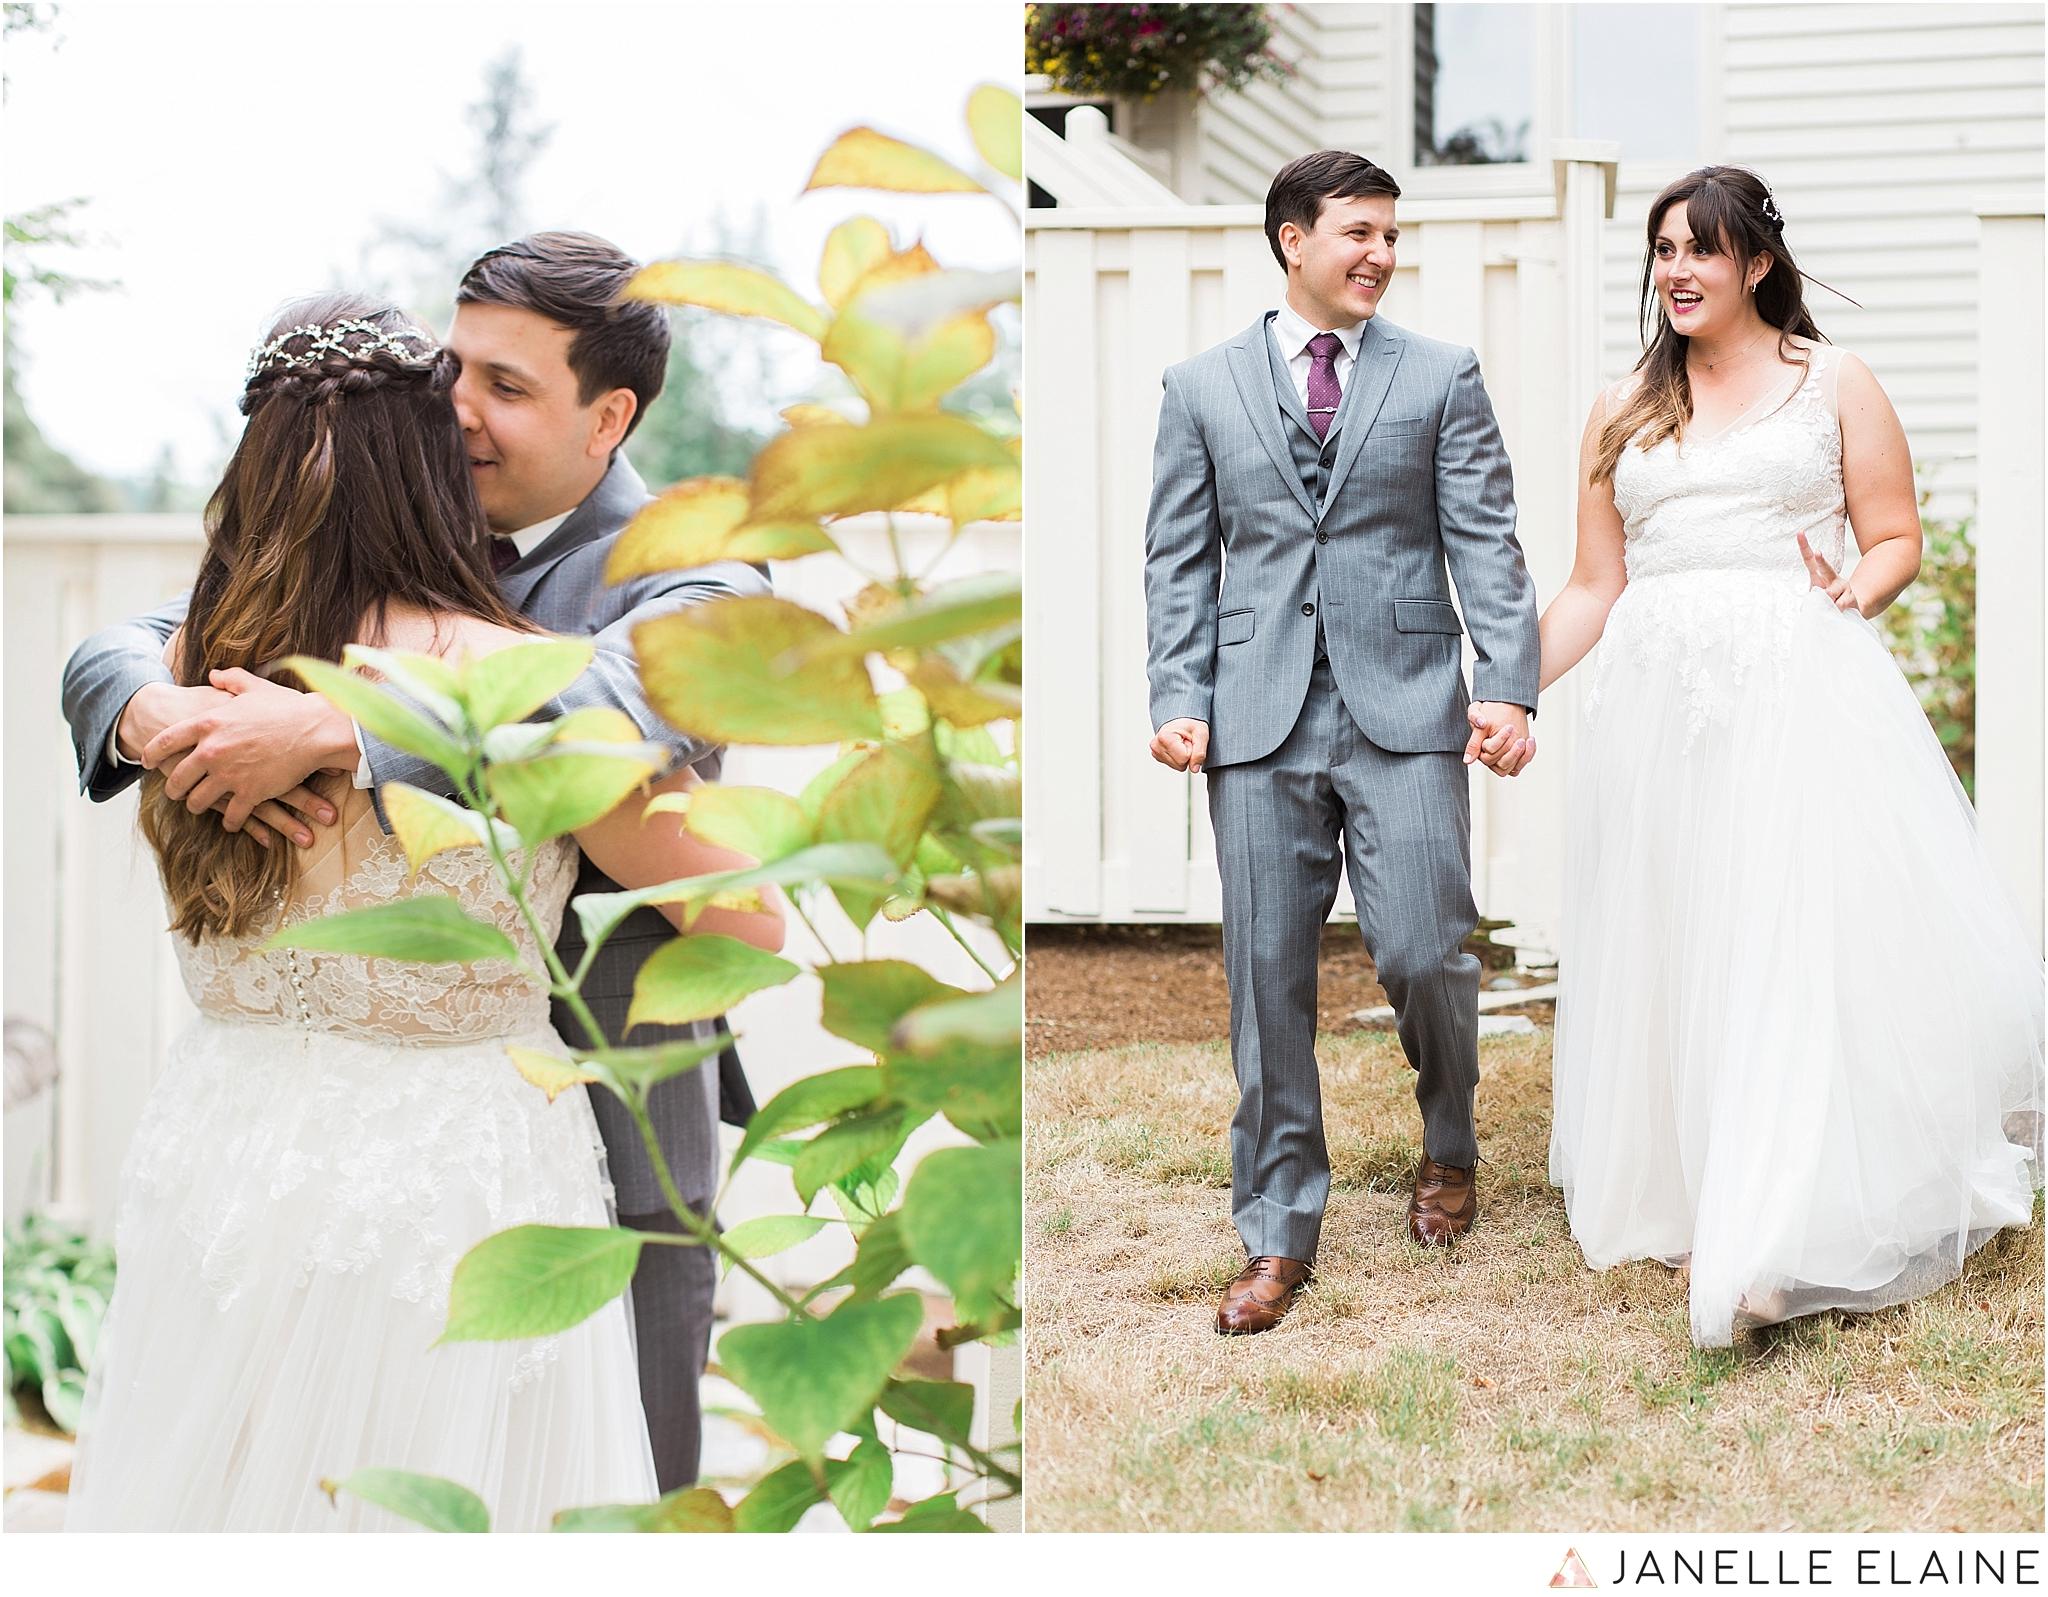 seattle-portrait-engagement-wedding-photographer-janelle-elaine-photography-15.jpg